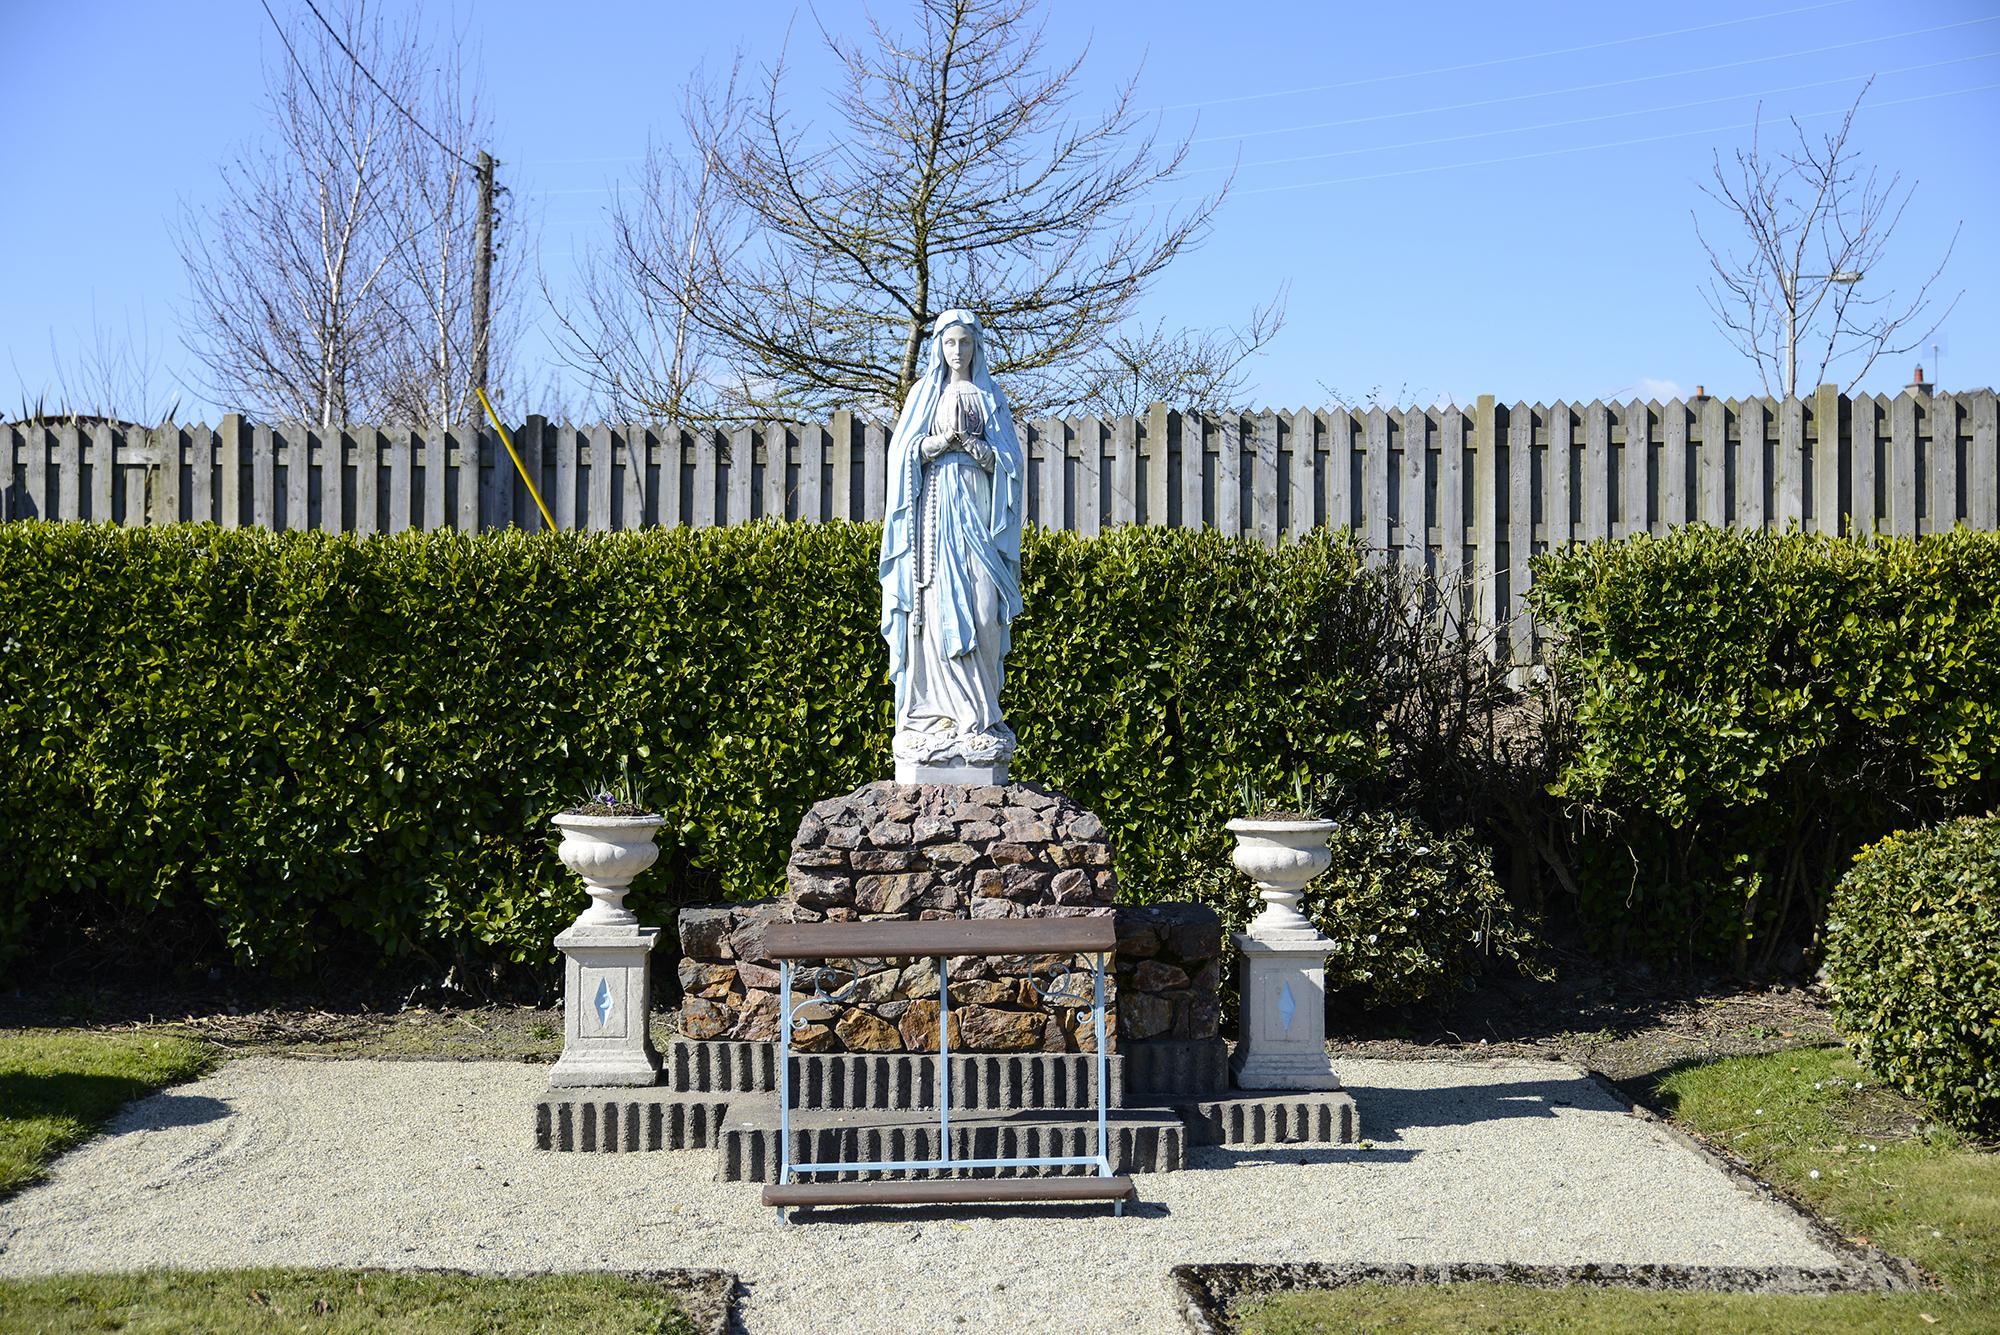 Carlow Mary II